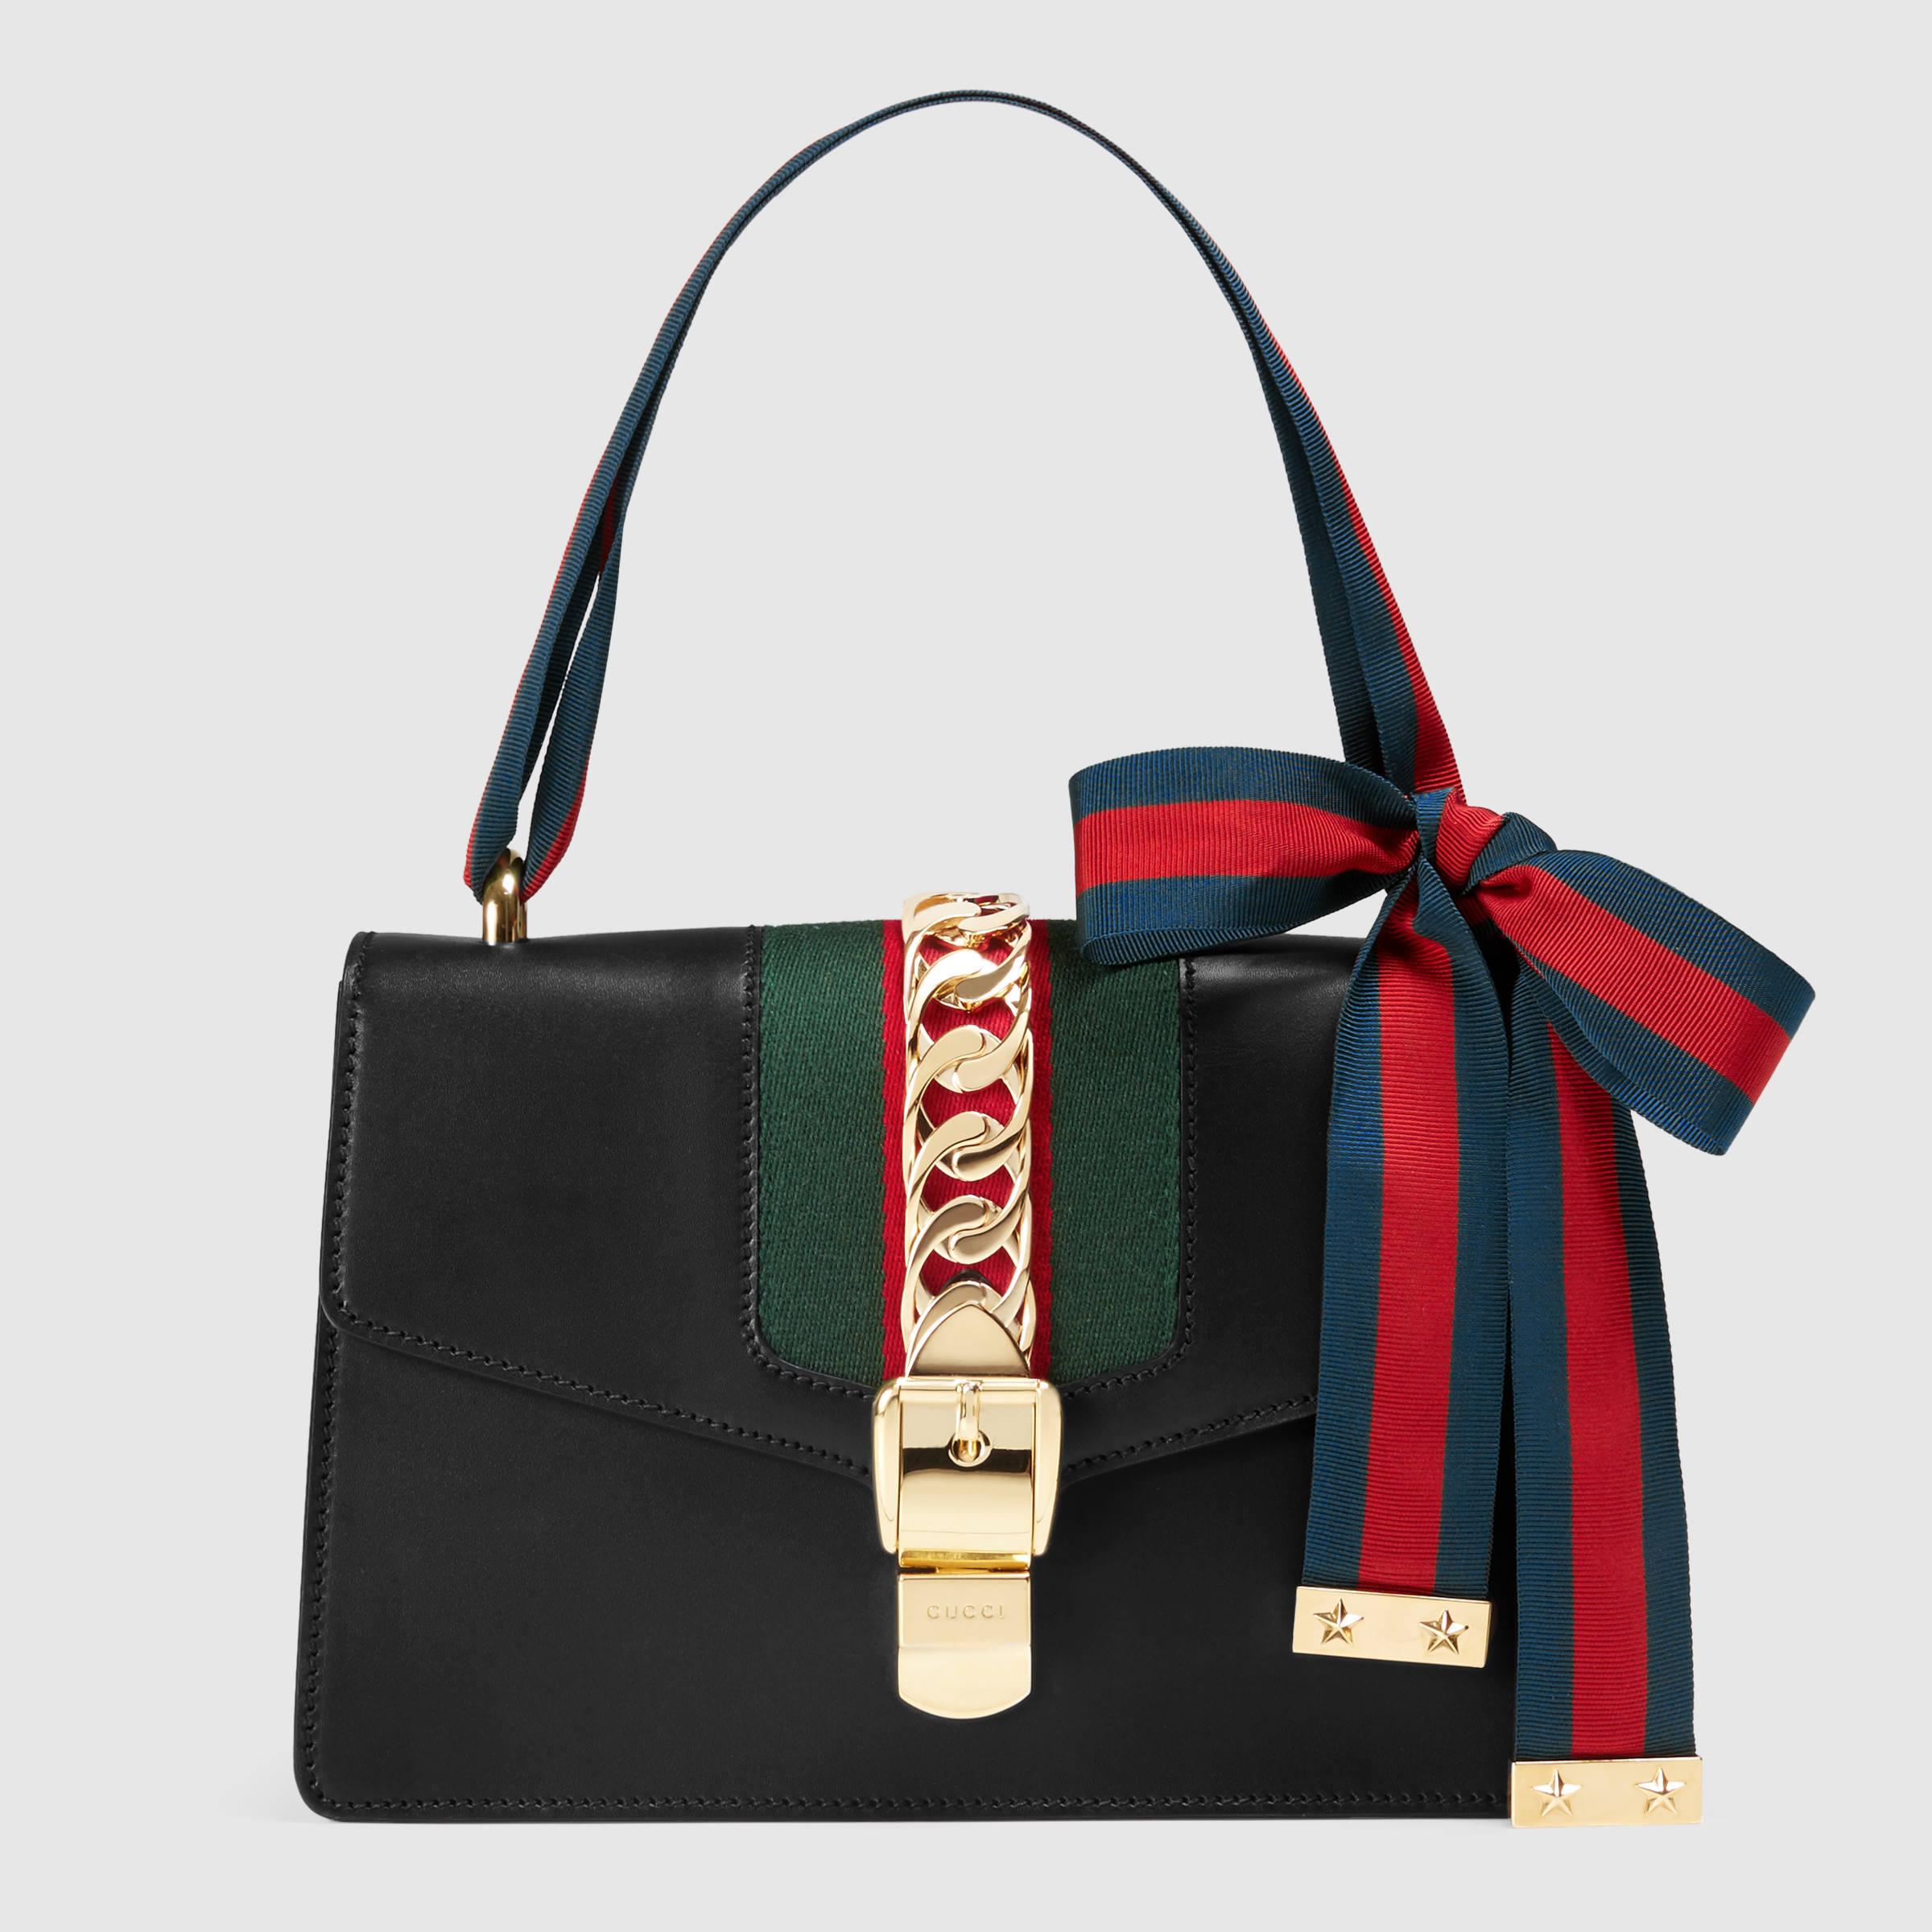 sylvie leather shoulder bag CIHFJLZ